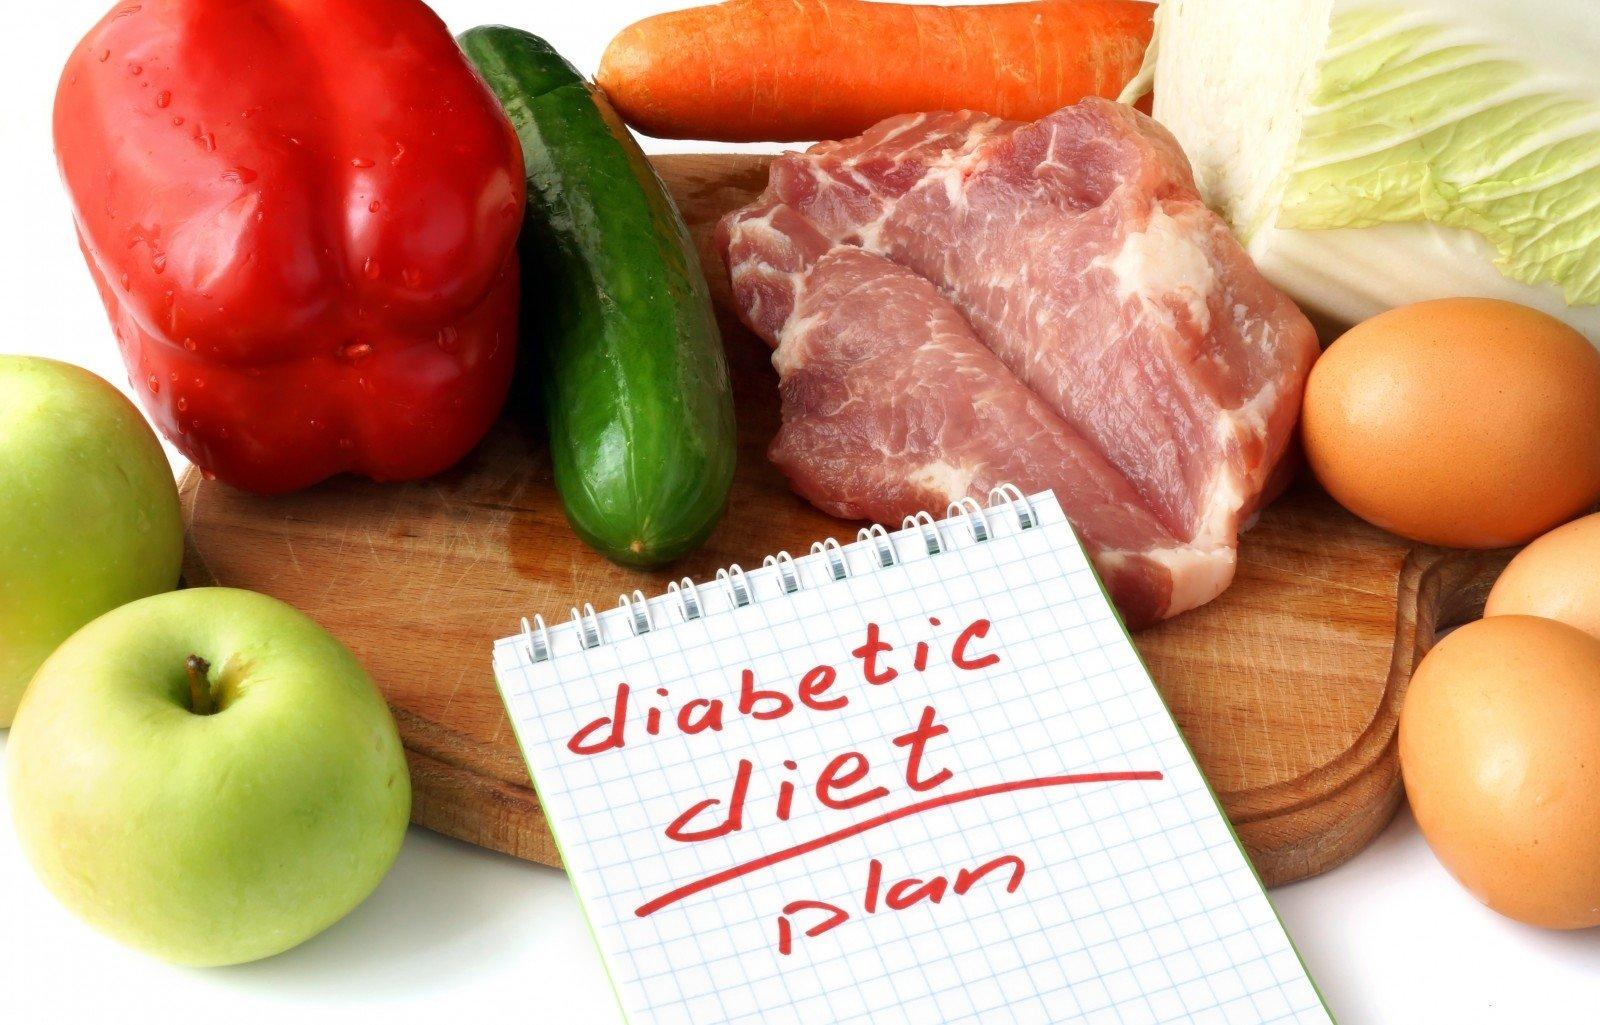 diabeto hipertenzijos dieta